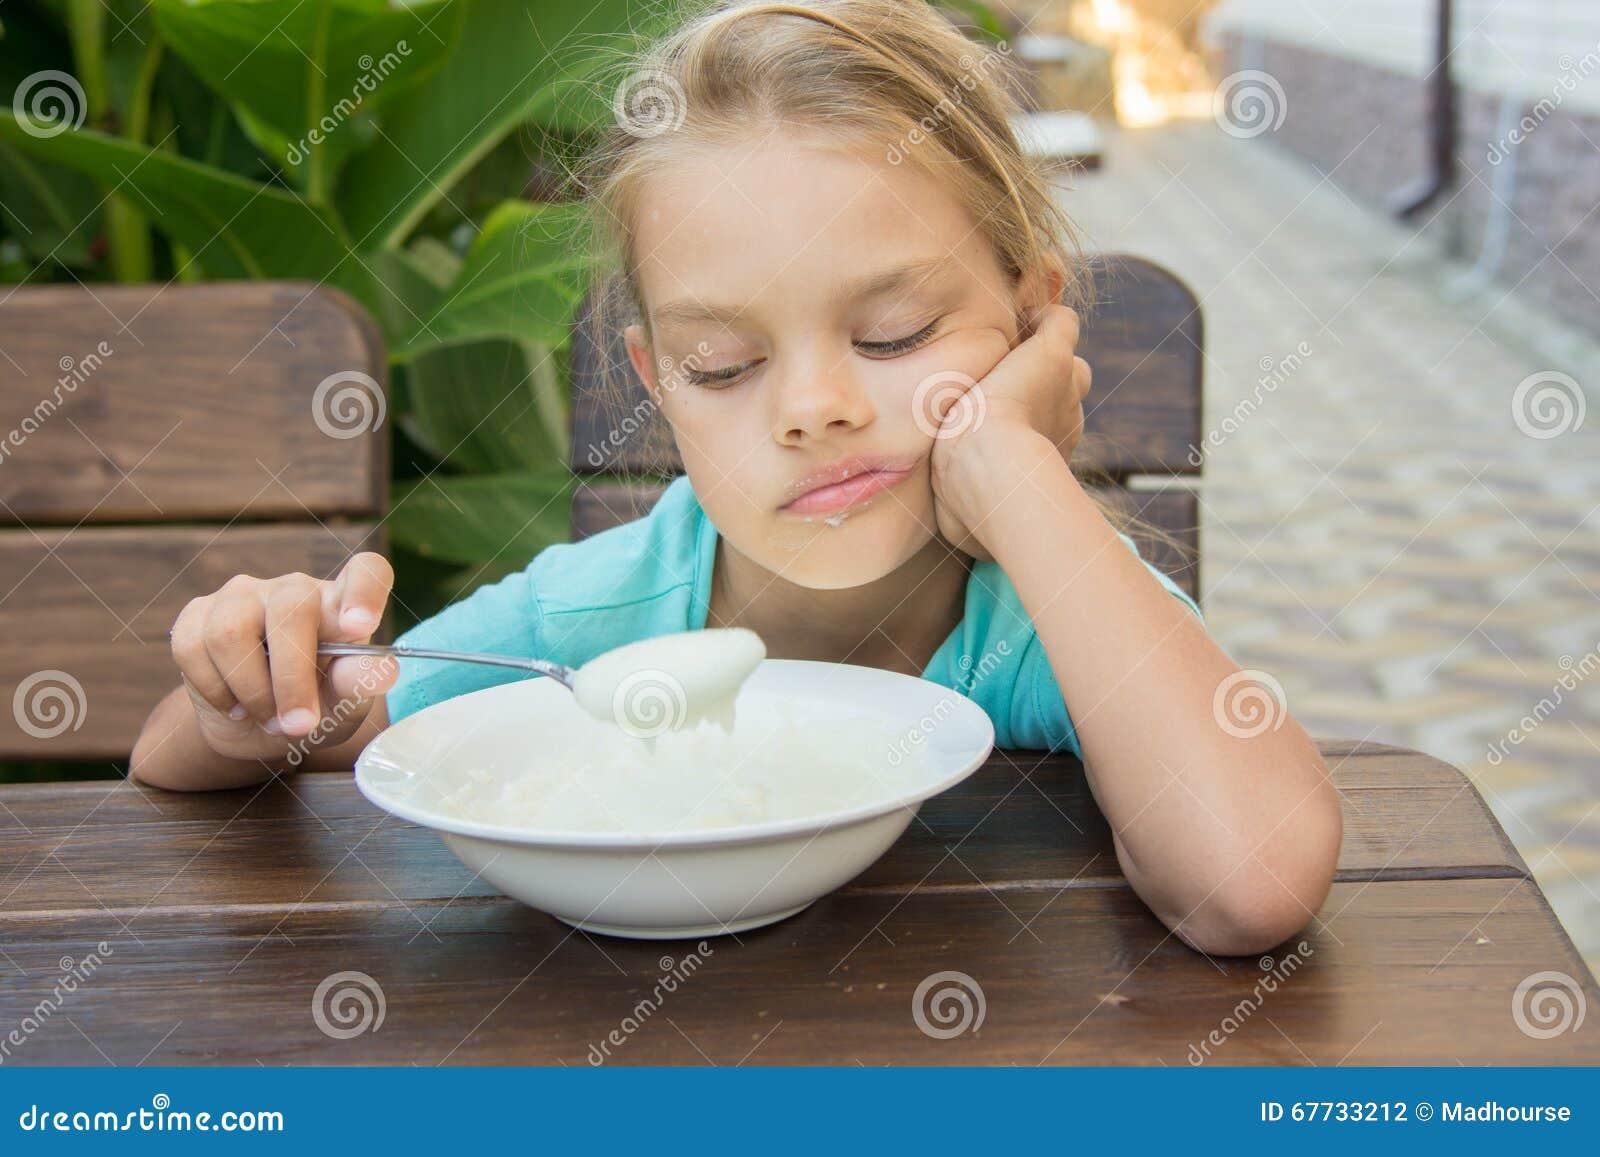 Κορίτσι εξάχρονων παιδιών που εξετάζει δυστυχώς semolina σε ένα κουτάλι στο πρόγευμα